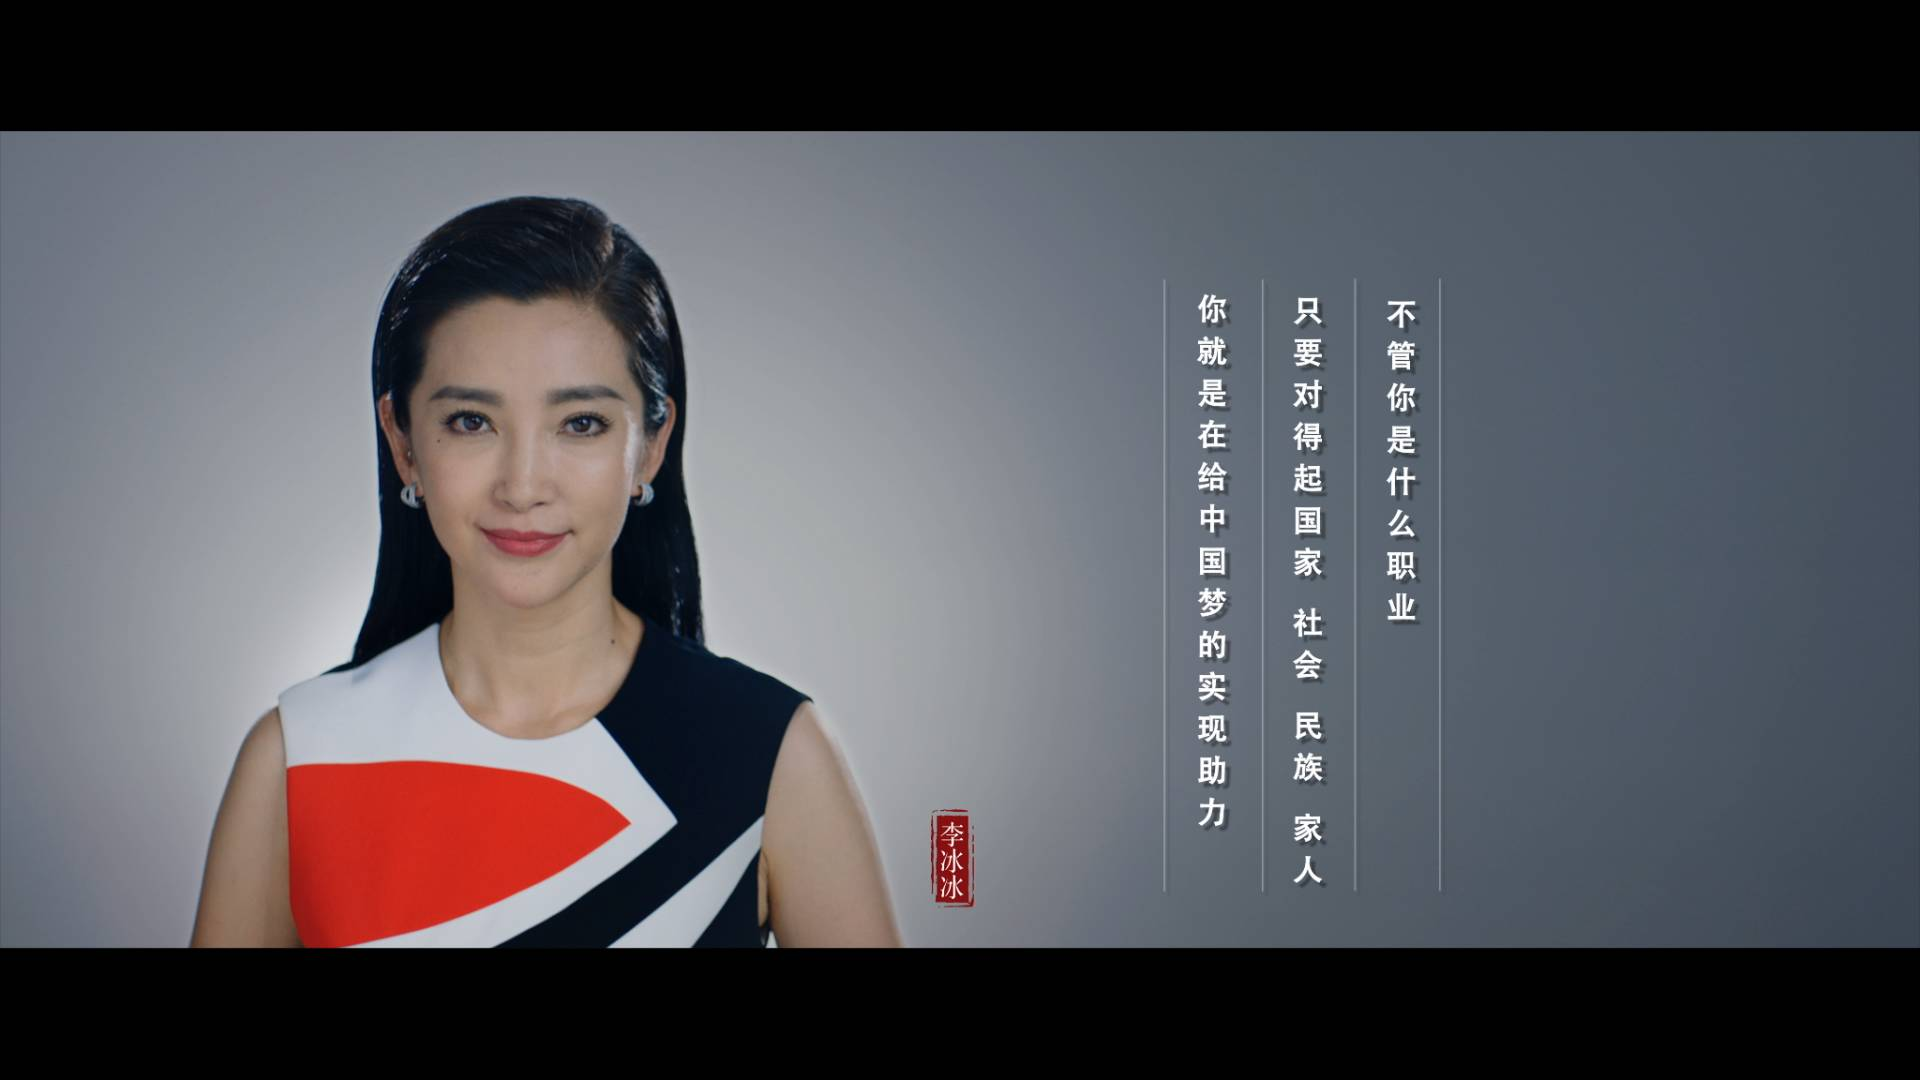 《光荣与梦想—我们的中国梦系列公益片》正式发布